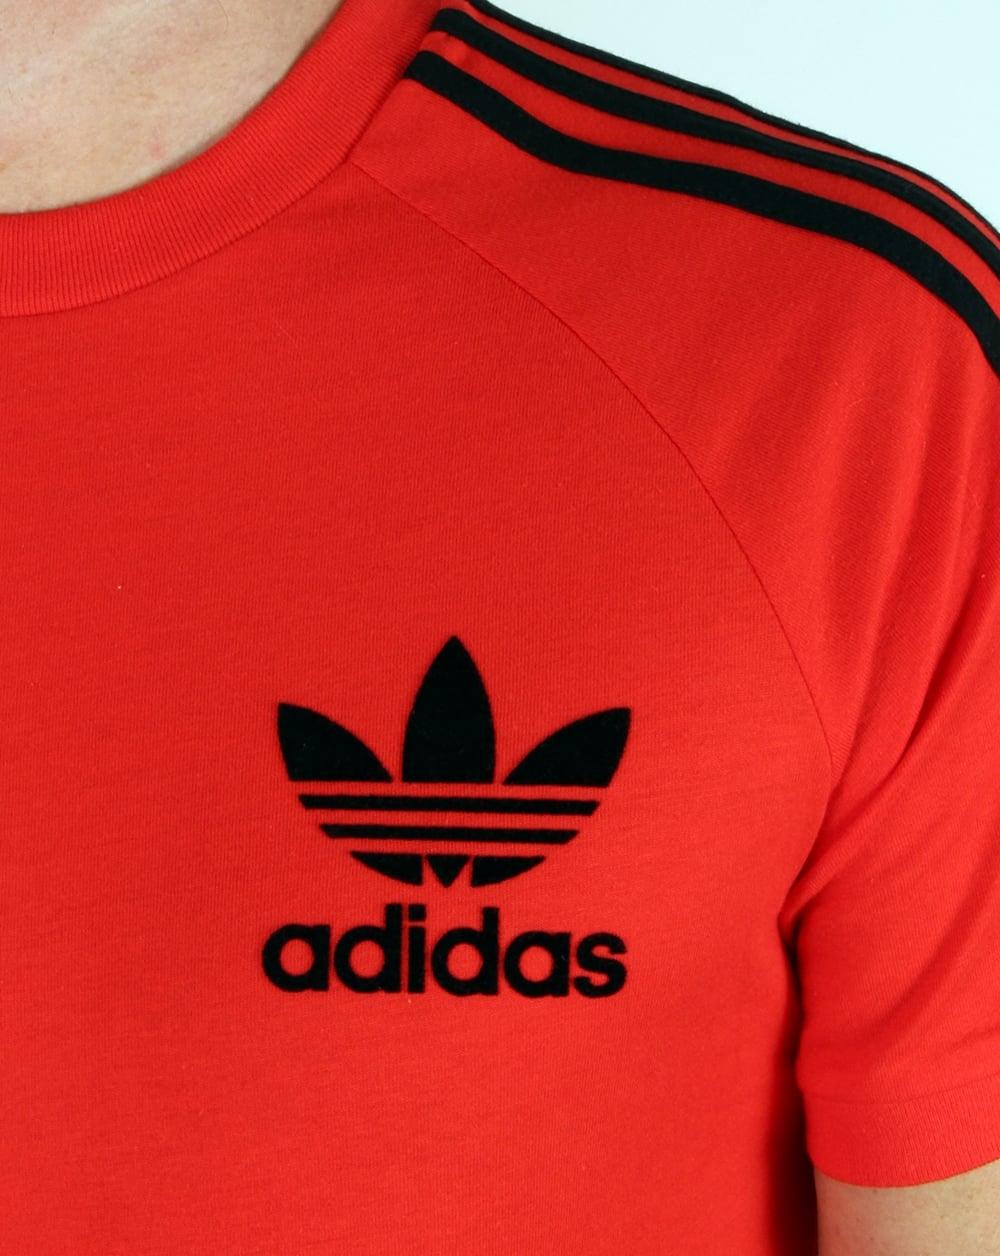 7e18ae7d Adidas Originals Retro 3 Stripes T Shirt Core Red,california,trefoil,tee